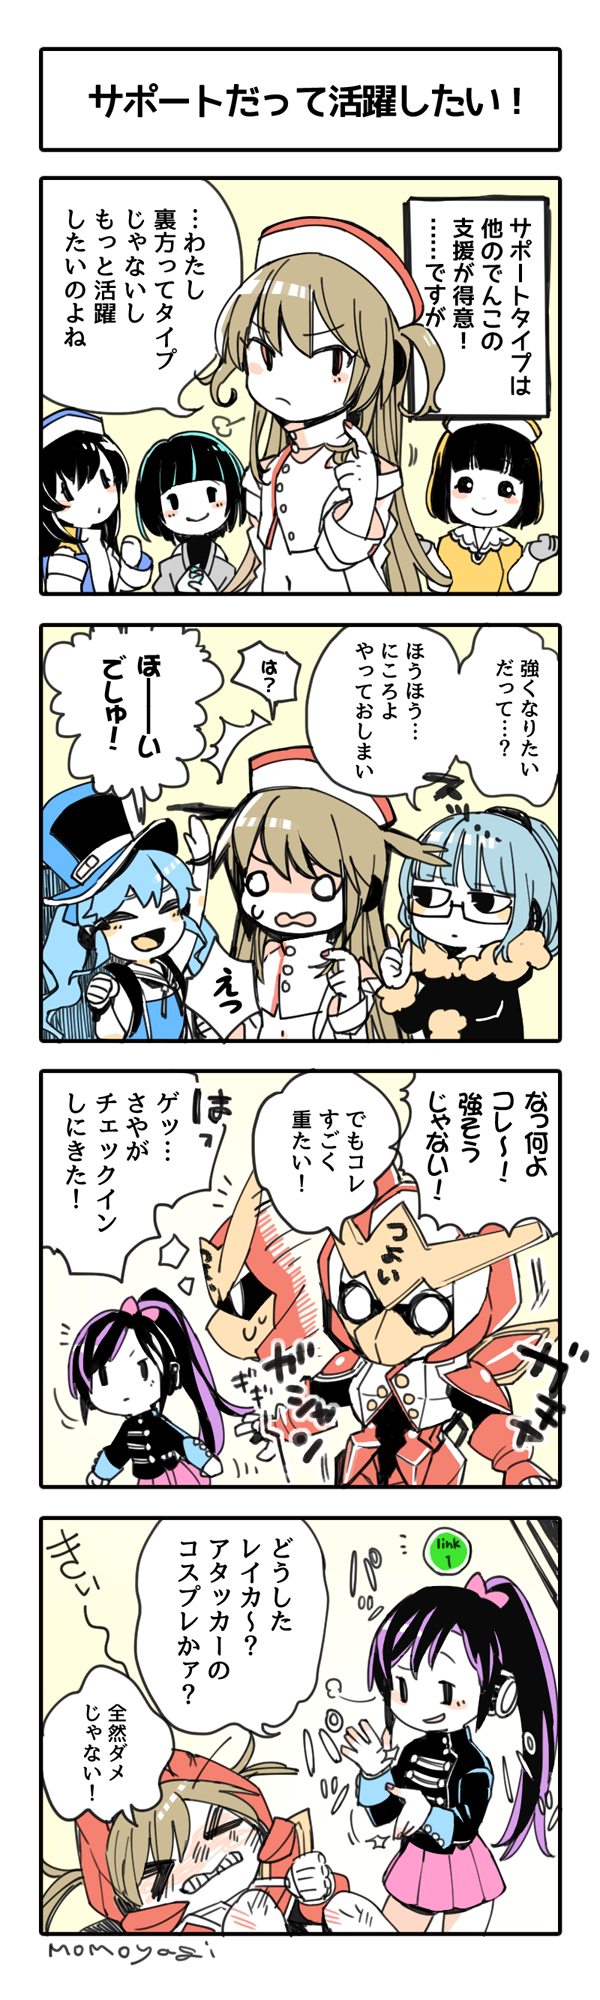 03_supportFIX